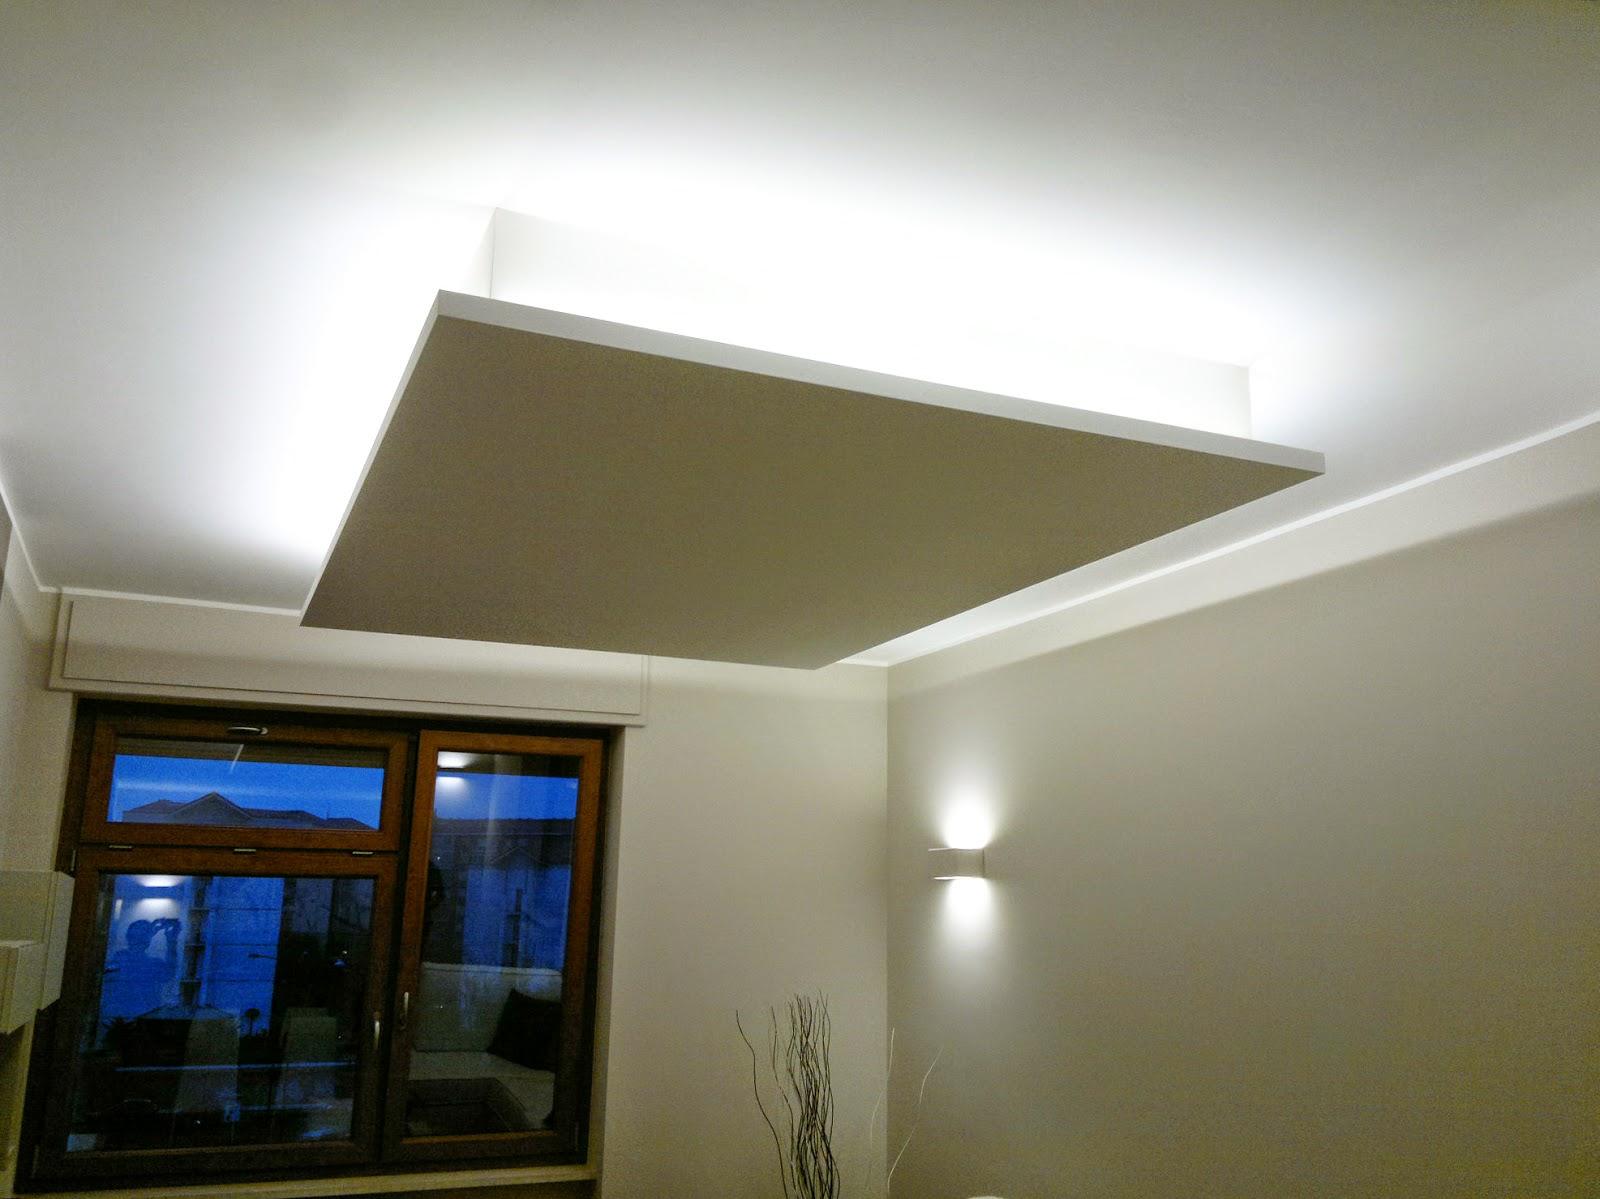 Illuminazione Salotto Led : Illuminazione led casa ristrutturando un ...